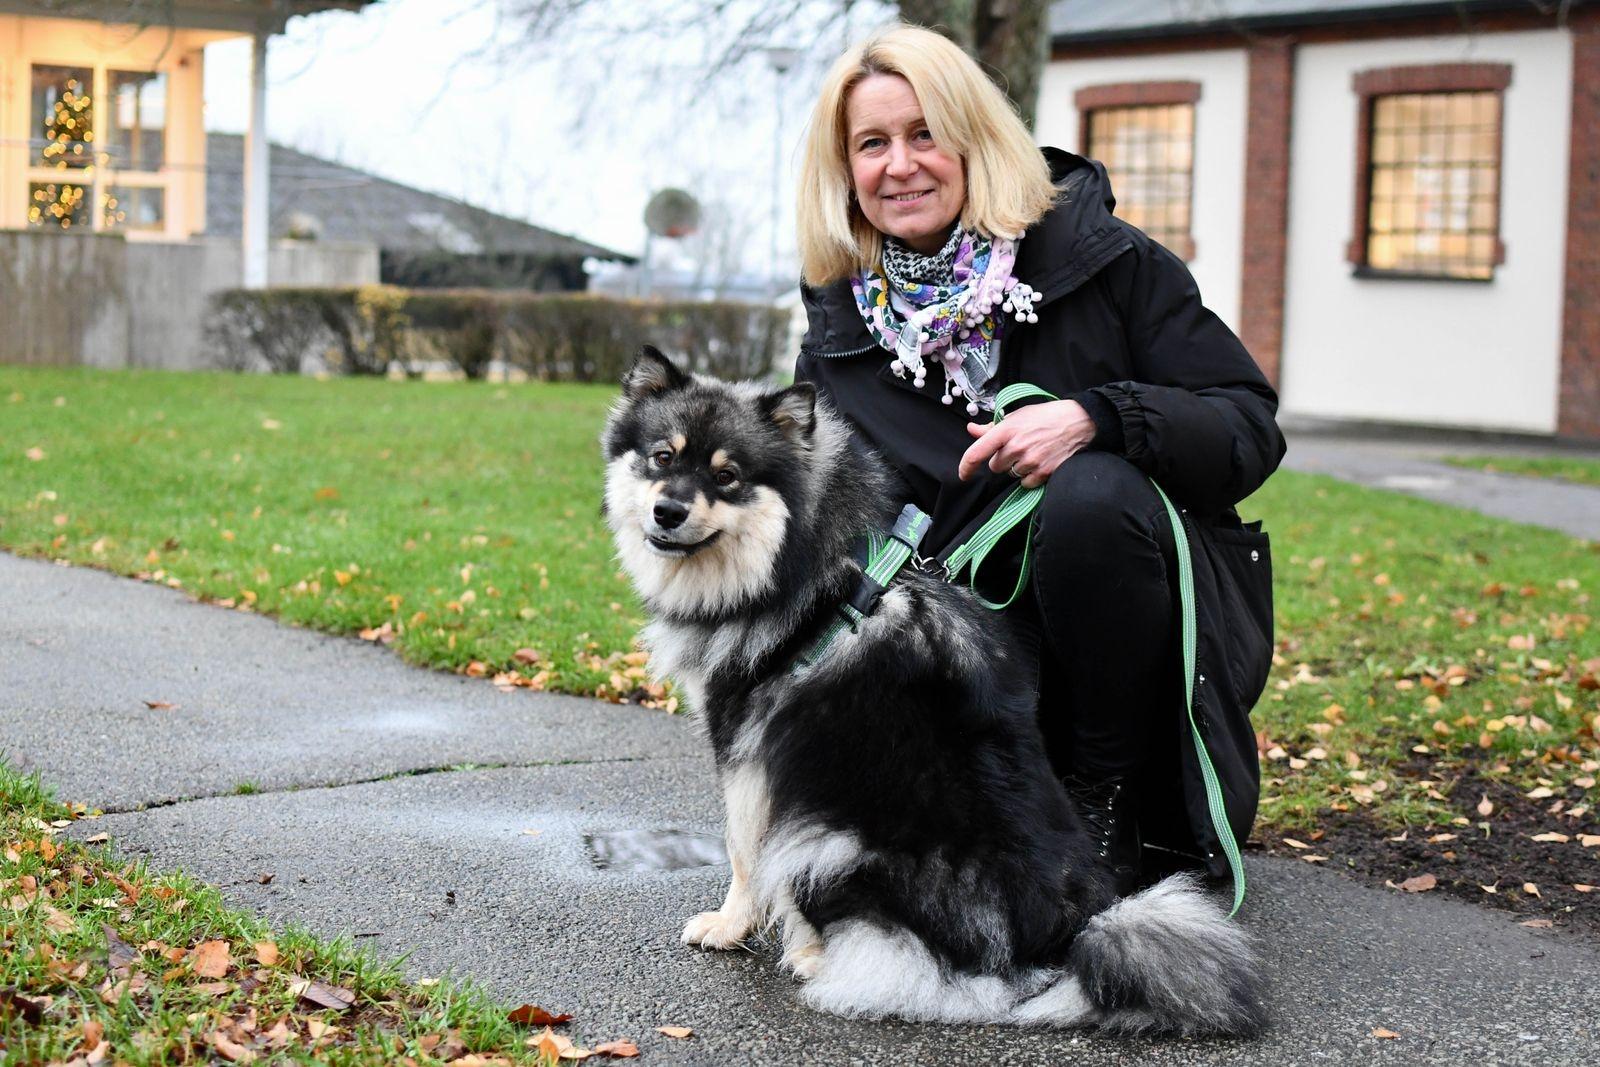 När familjen Bengtsson skulle utökas med en fyrbent medlem stod det mellanstor, aktiv hund på önskelistan. Valet föll på Eila, en finsk lapphund.